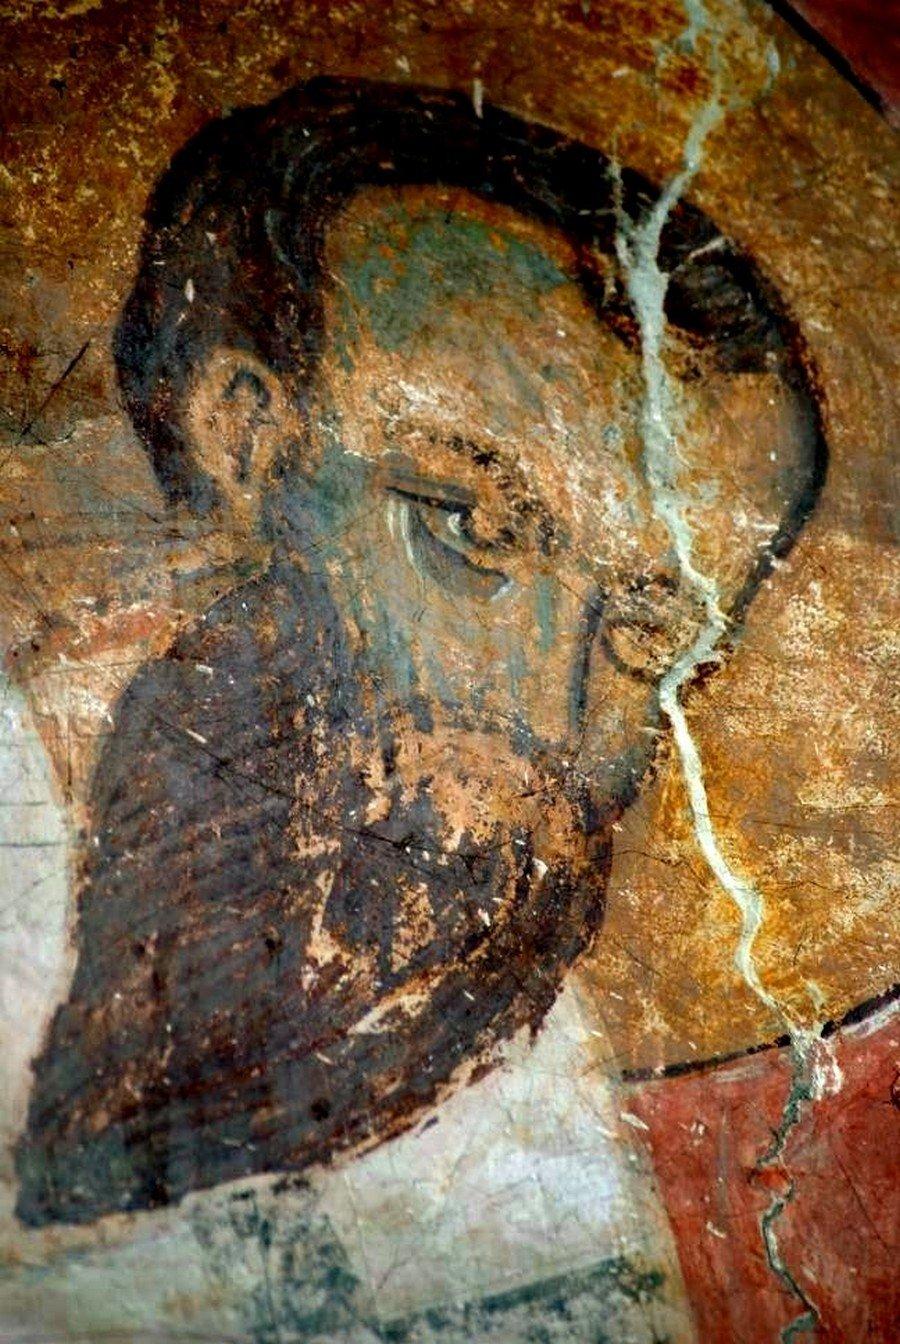 Святитель Василий Великий (?). Фреска церкви Распятия Господня в Сори, Грузия. Начало XIV века.